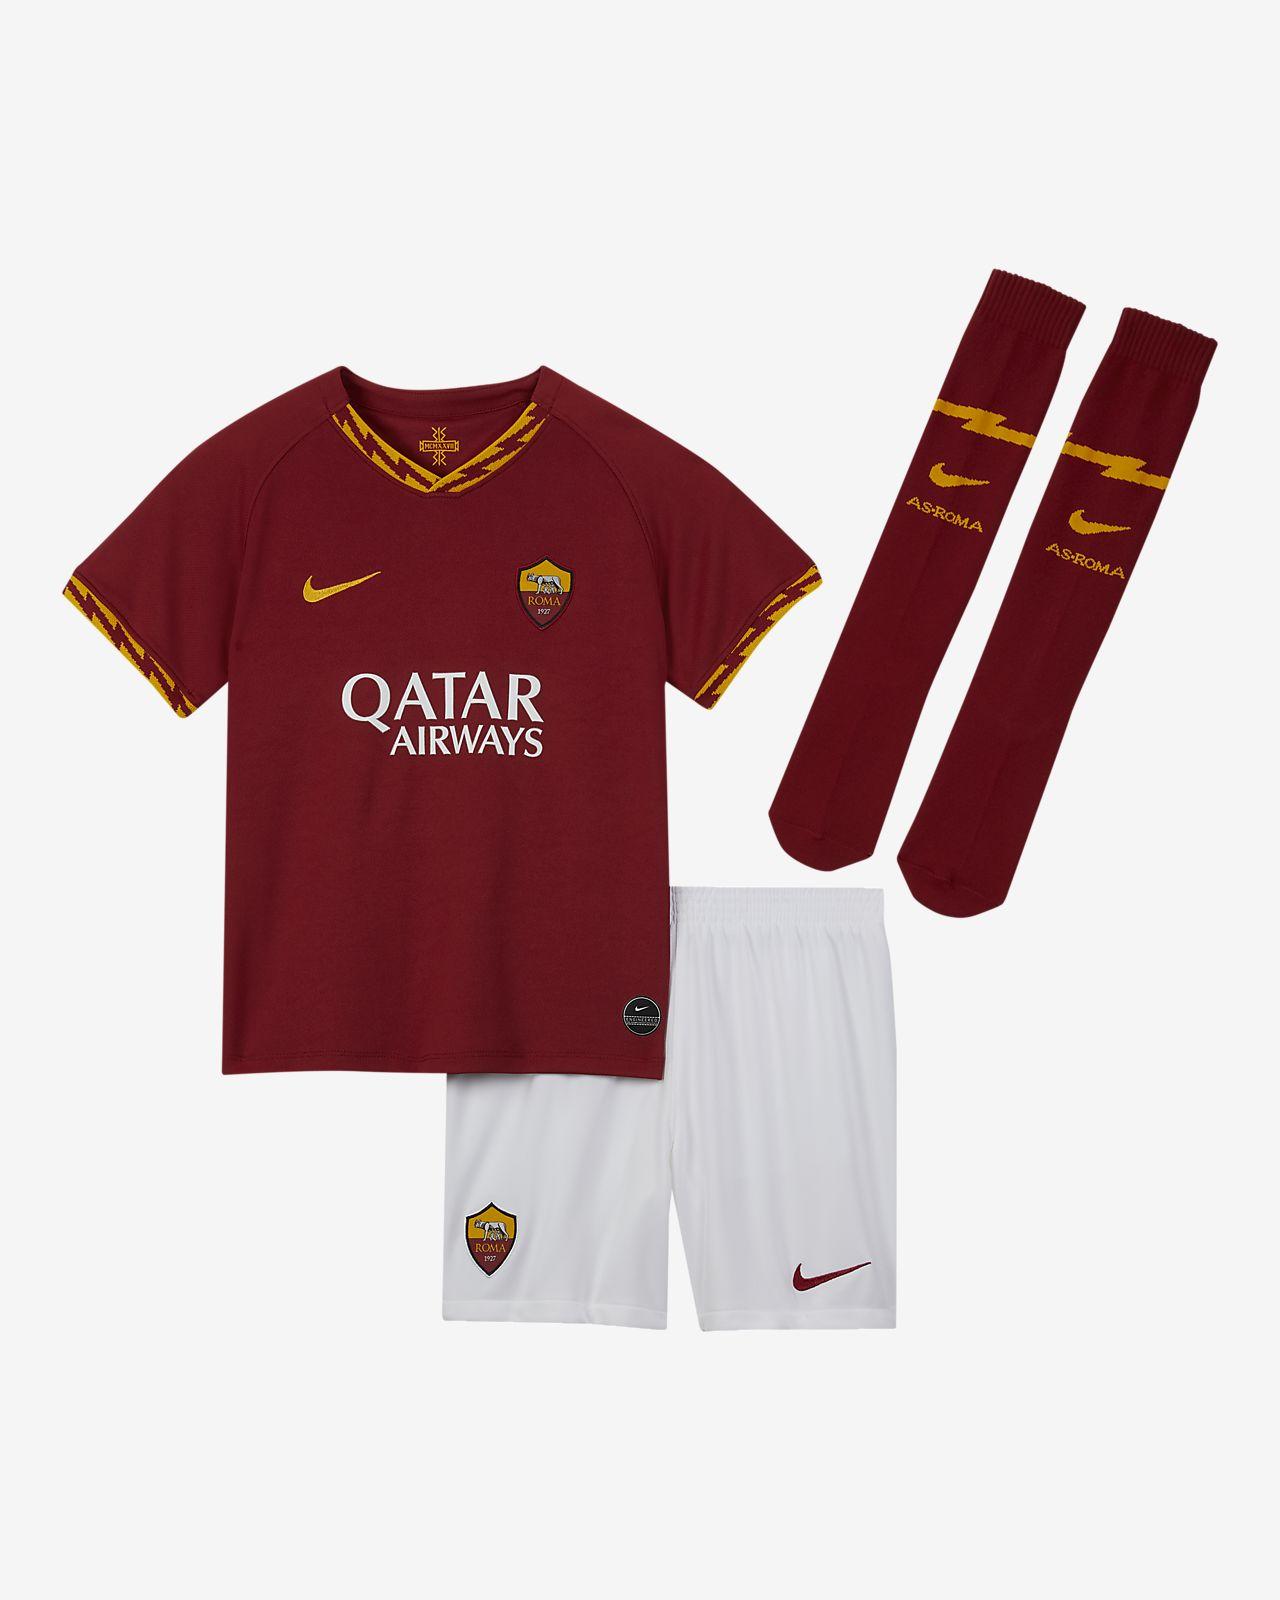 Equipamento de futebol A.S. Roma 2019/20 Home para criança